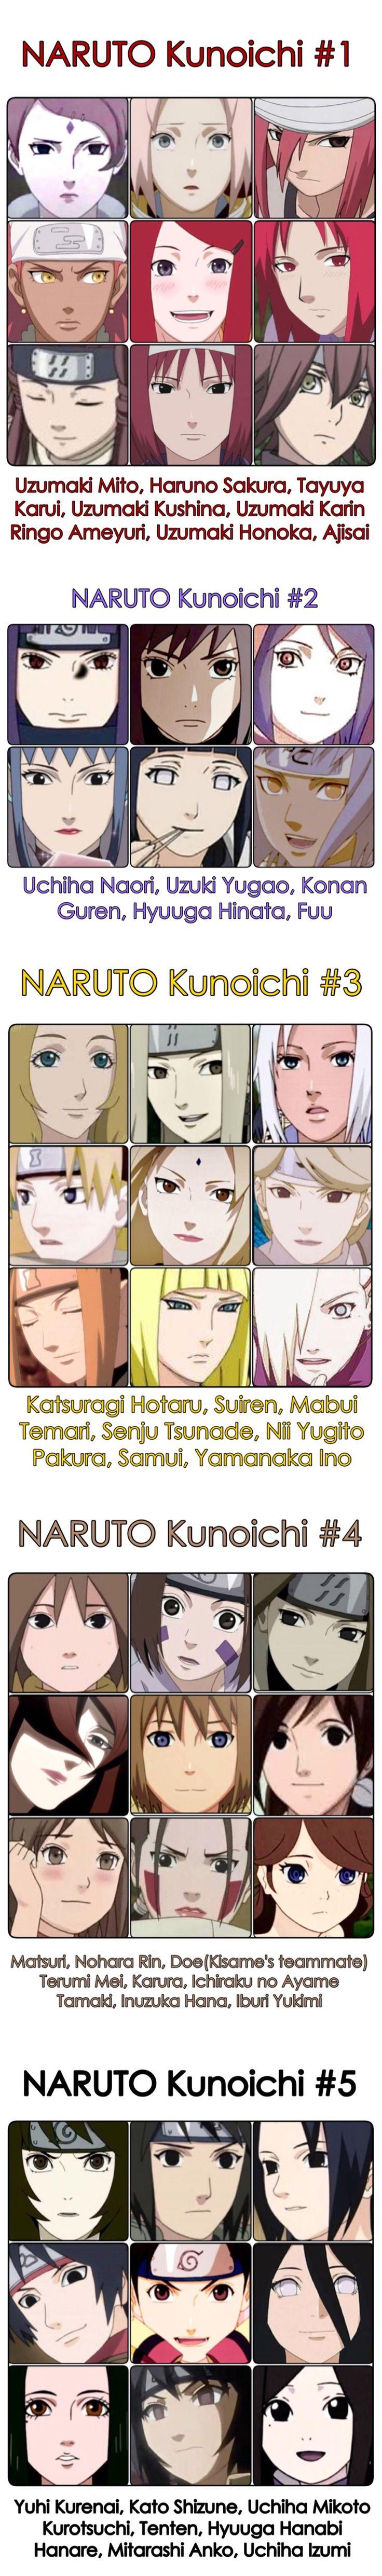 Naruto Kunoichi-know your ninja girls-Uzumaki Mito, Haruno Sakura, Tayuya, Karui, Uzumaki Kushina, Uzumaki Karin, Ringo Ameyuri, Uzumaki Honoka, Ajisai; Uchiha Naori, Uzuki Yugao, Konan, Guren, Hyuuga Hinata, Fuu; Katsuragi Hotaru, Suiren, Mabui, Temari, Senju Tsunade, Nii Yugito, Pakura, Samui, Yamanaka Ino; Matsuri, Nohara Rin, Jane Doe(Kisame's teammate), Terumi Mei, Karura, Ichiraku no Ayame, Tamaki, Inuzuka Hana, Iburi Yukimi; Yuhi Kurenai, Kato Shizune